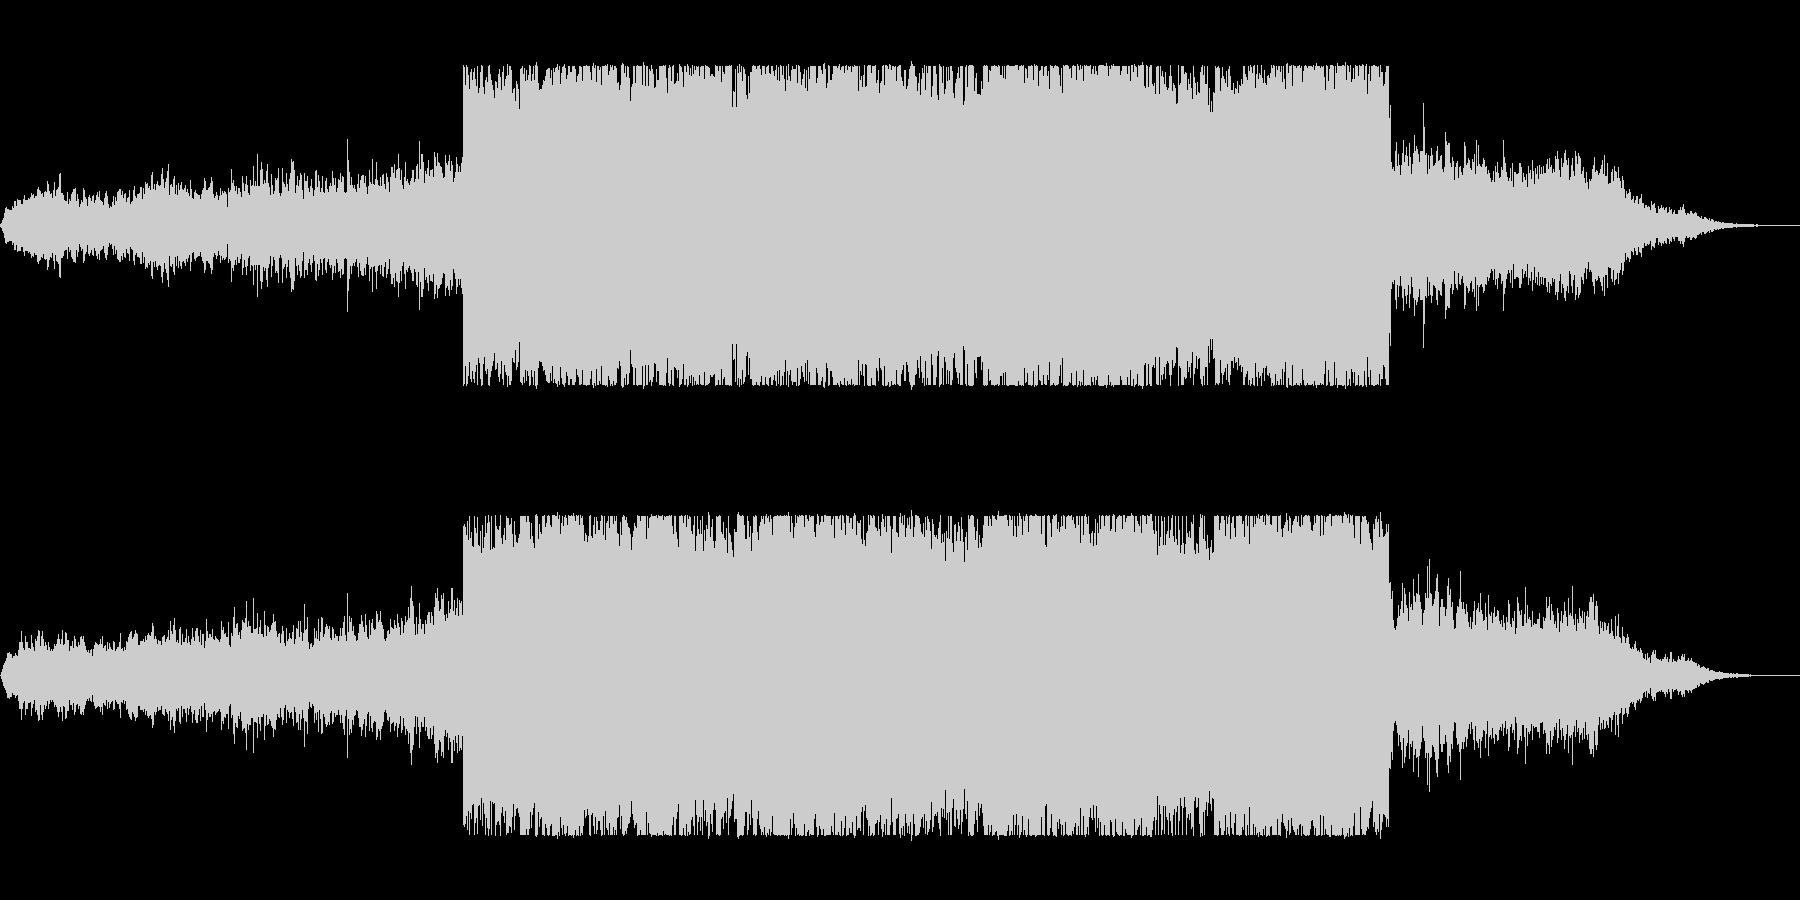 不思議な広がるヒーリングミュージックの未再生の波形